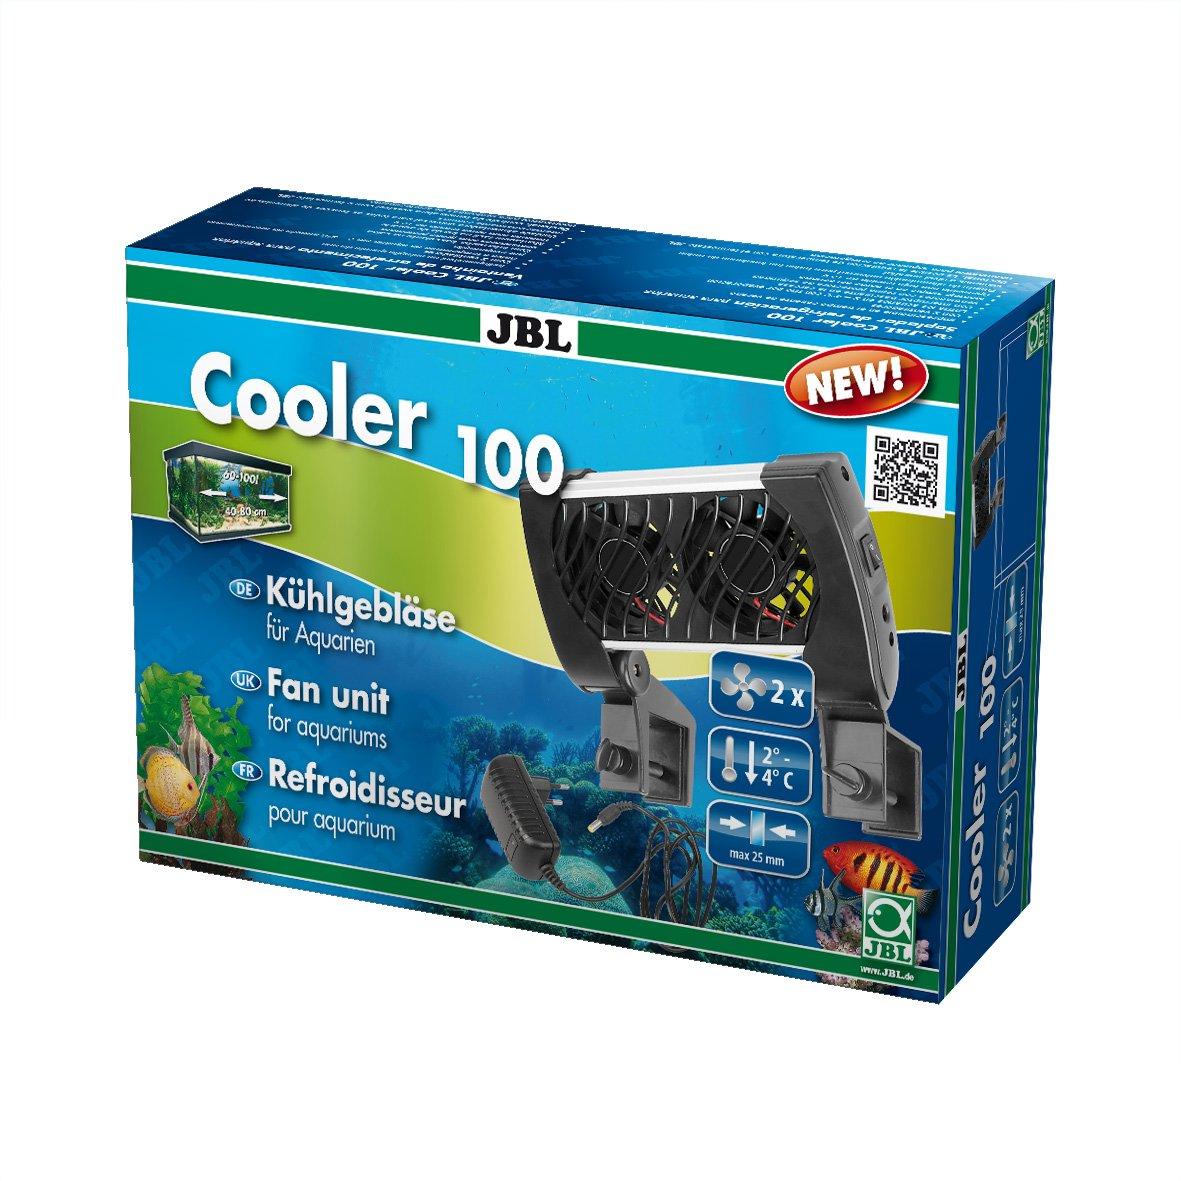 JBL Ventilador para Agua mar y Agua Dulce Acuarios, Cooler: Amazon.es: Productos para mascotas